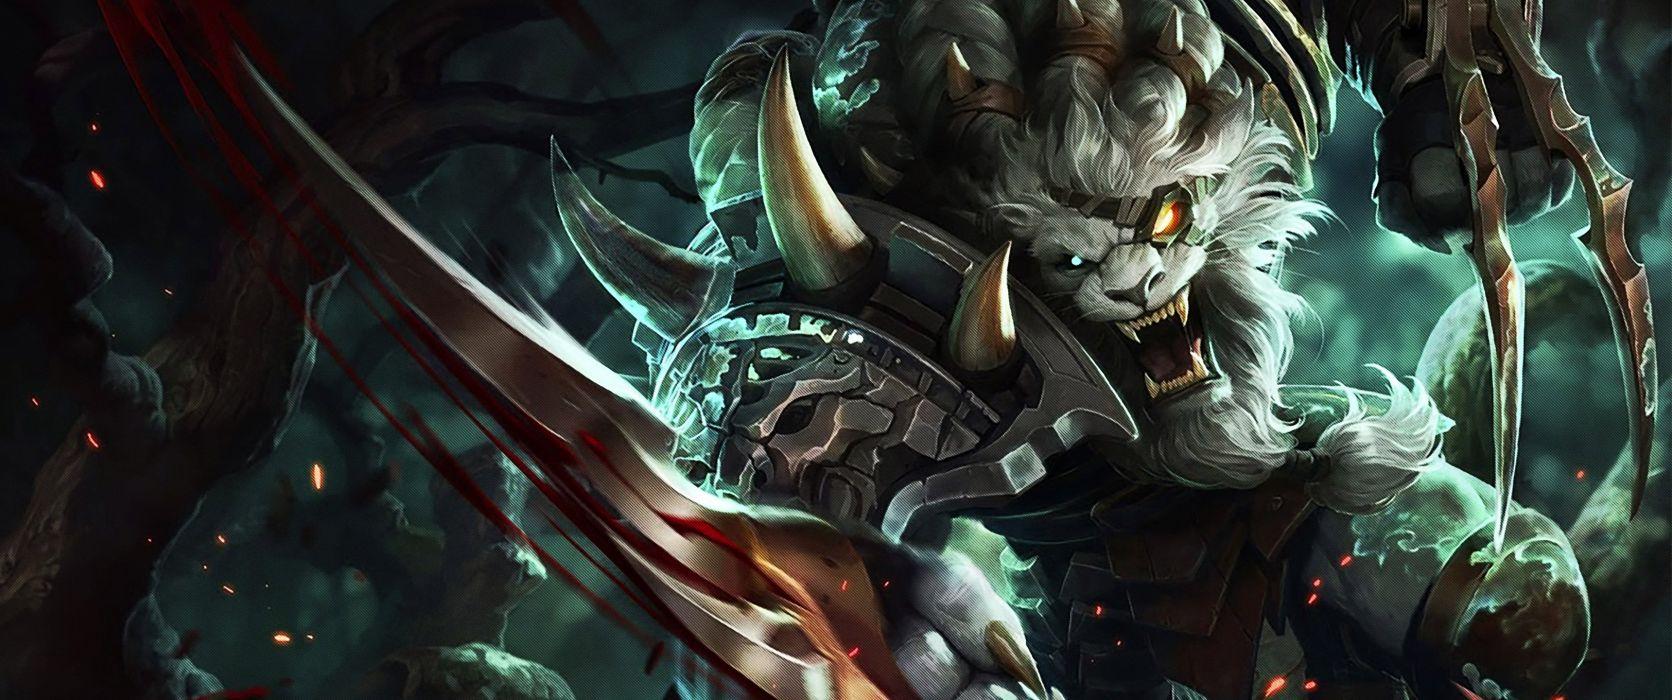 League Legends Fantasy Art Artwork Wallpaper 3440x1440 8493 Wallpaperup